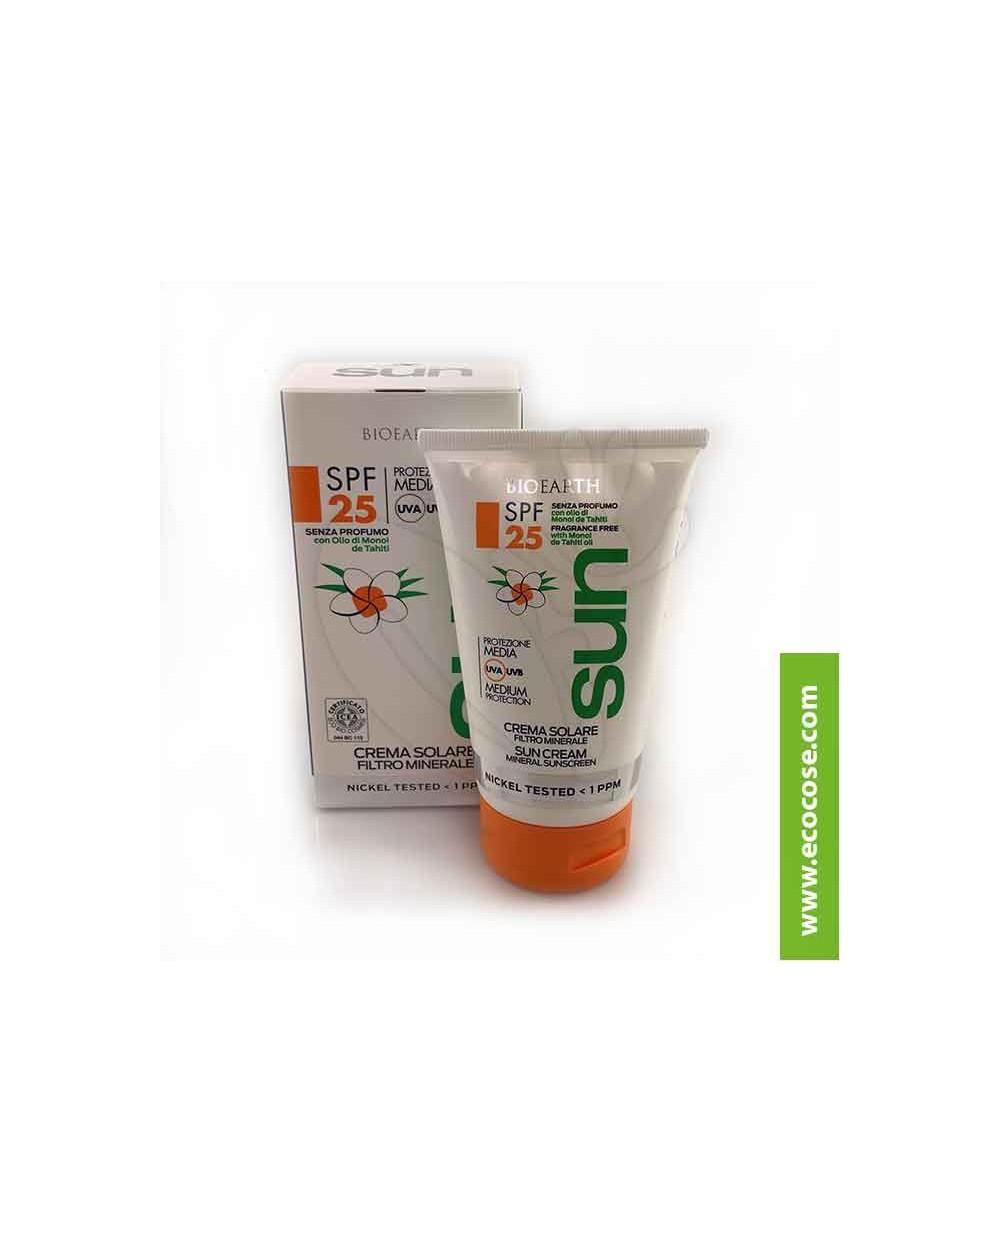 Bioearth Sun - Crema solare protezione Media spf 25 Filtro minerale